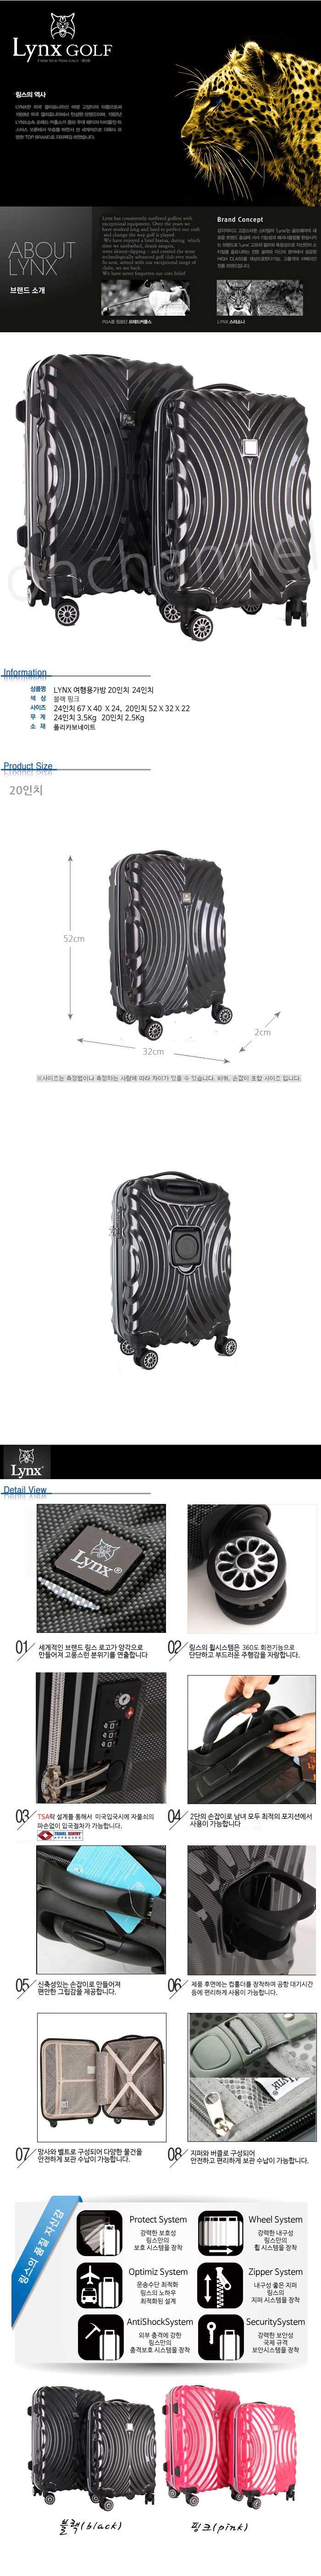 링스 월넛 여행용가방 20호 기내용 캐리어 CH1020260 - 익스트리모, 161,000원, 하드형, 기내용(20형) 이하